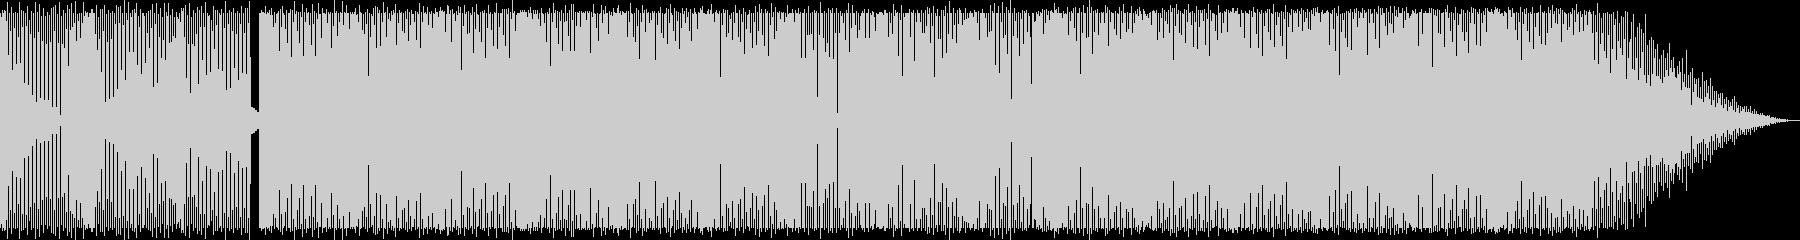 浮遊感/ディープハウス_No444の未再生の波形